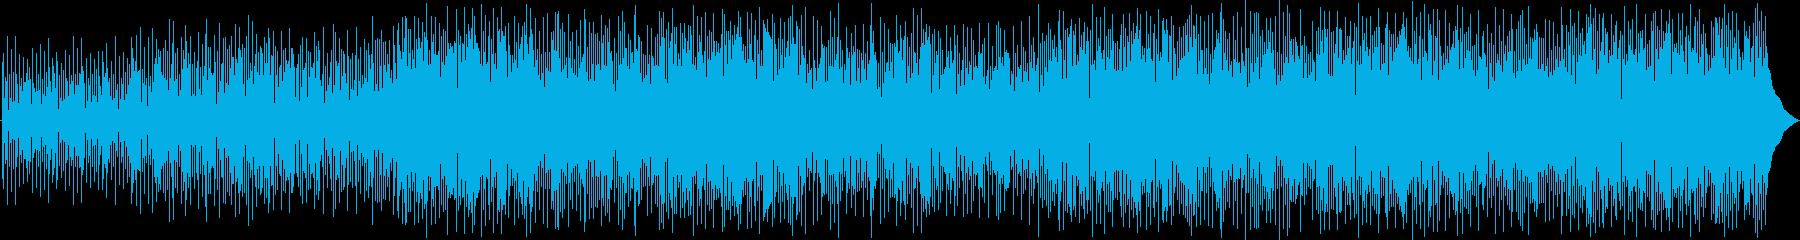 ギターとピアノをフィーチャーしたド...の再生済みの波形